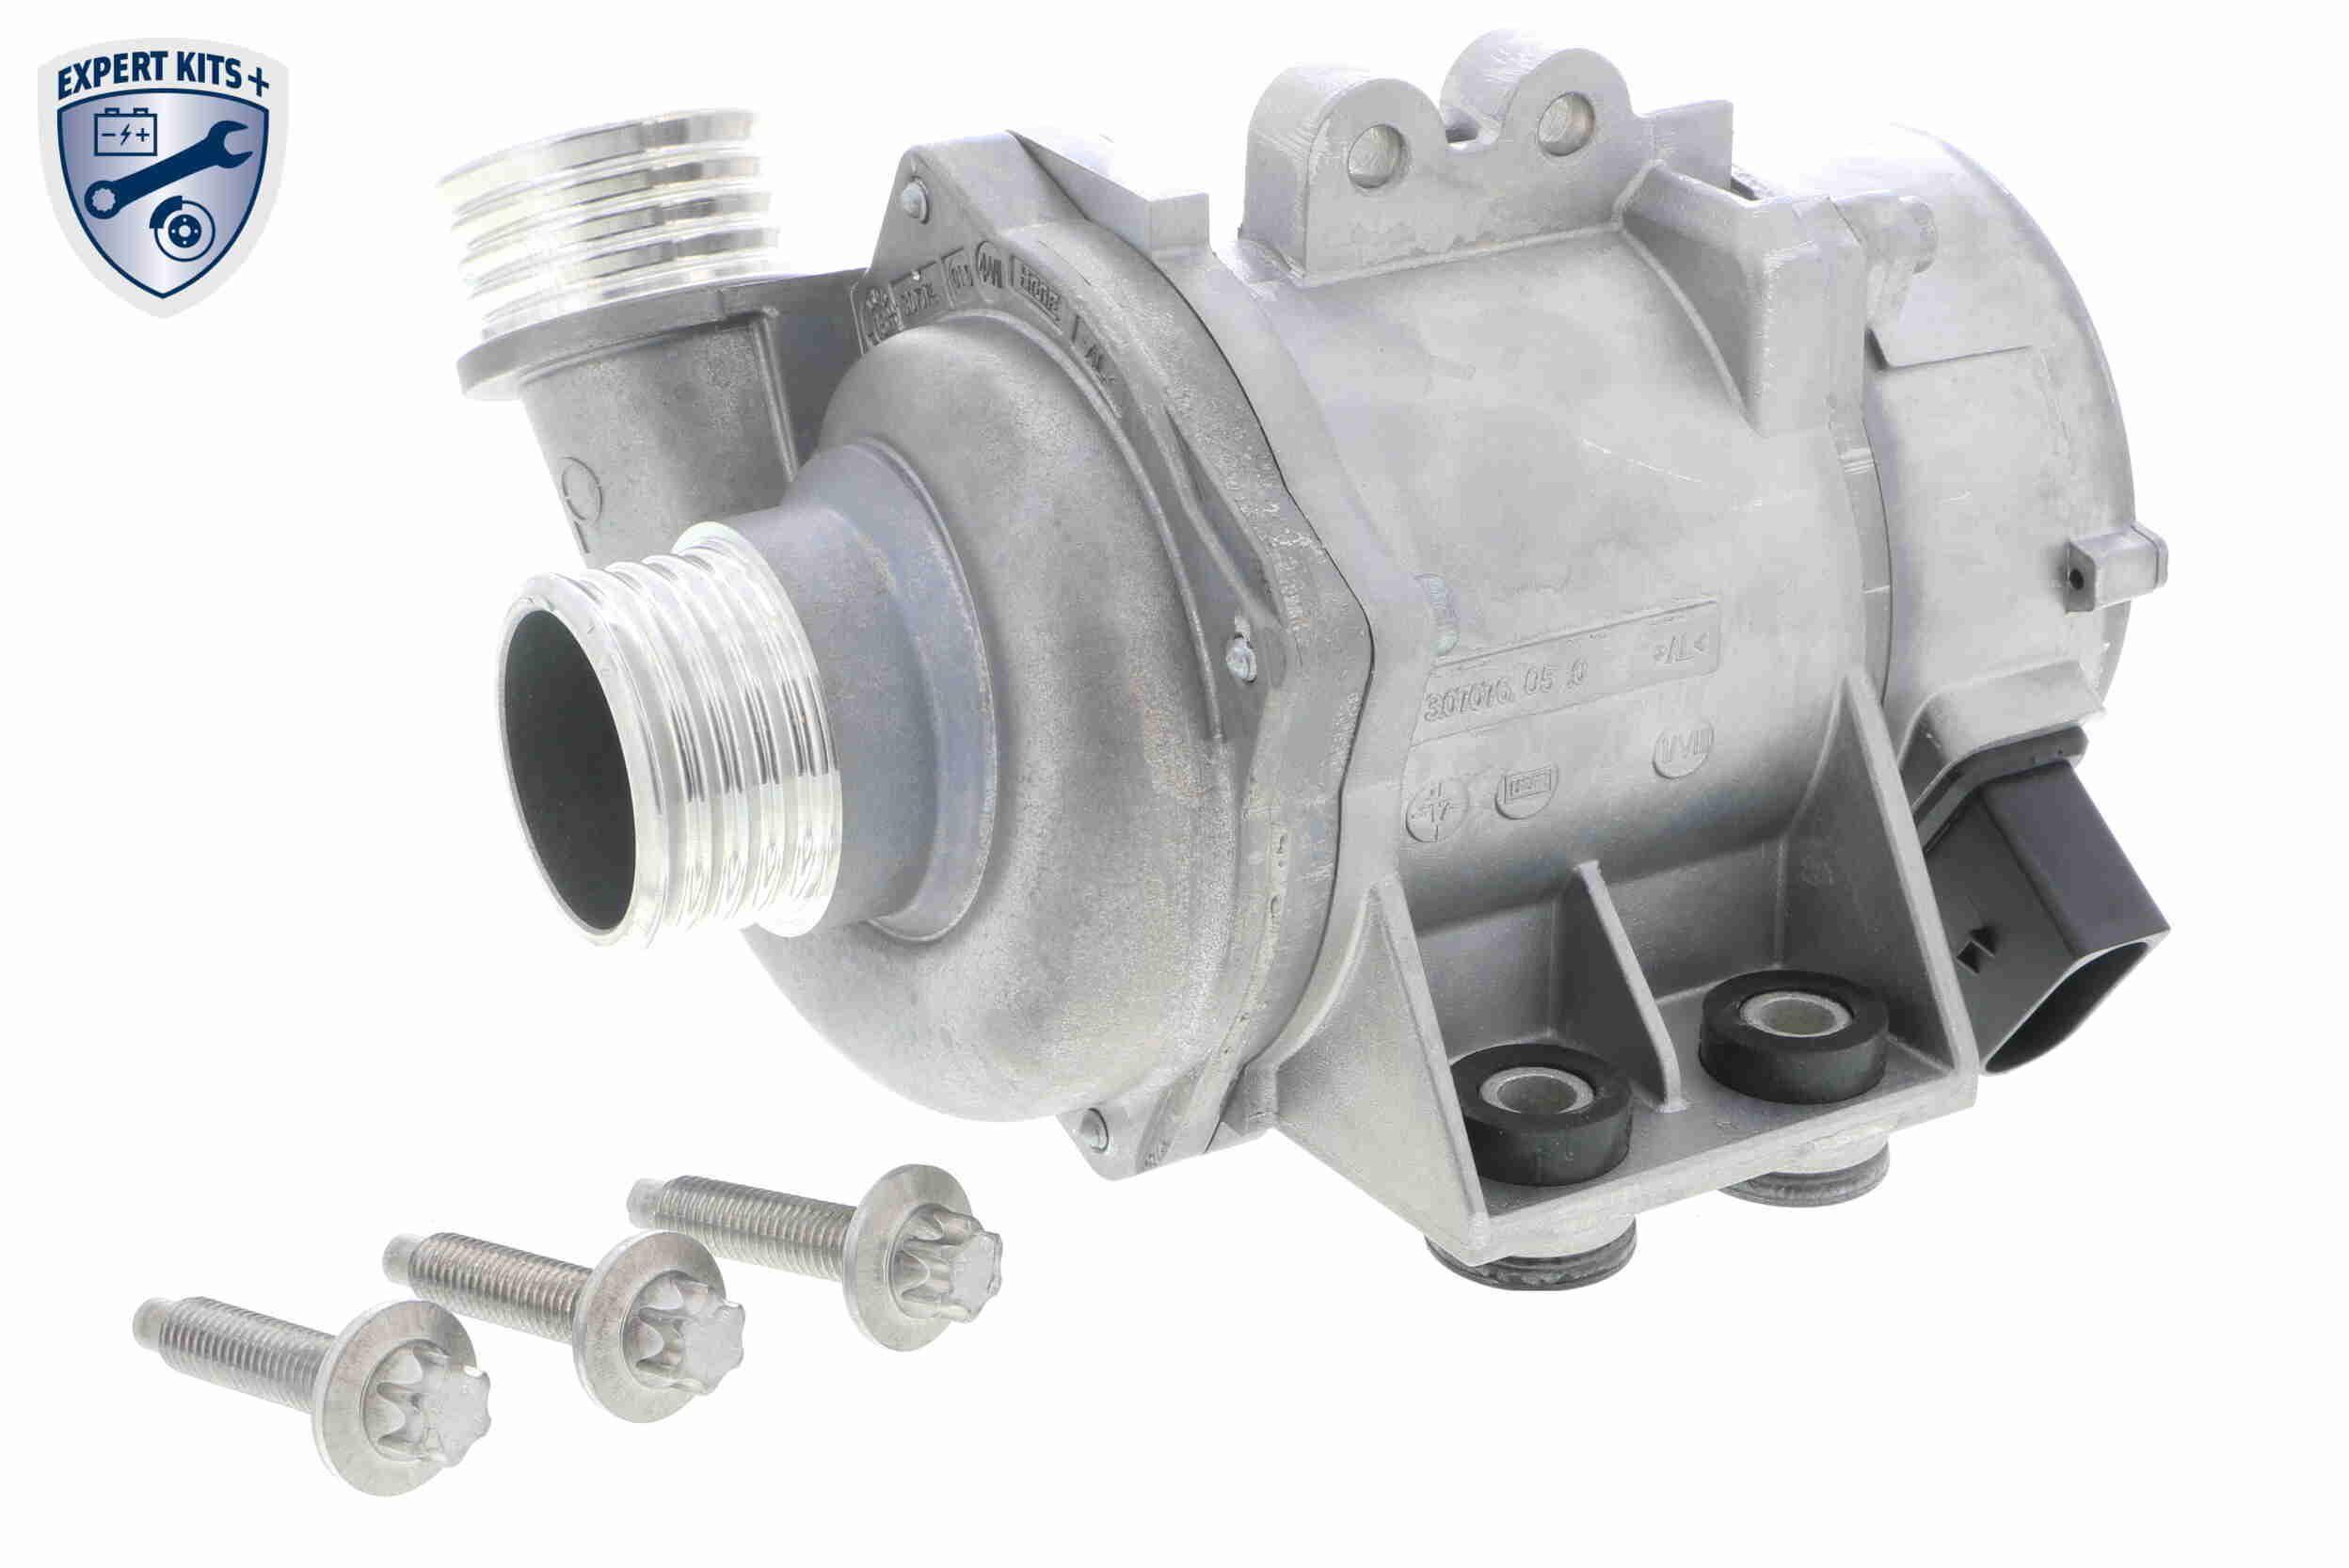 Kühlmittelpumpe V20-16-0001 VEMO V20-16-0001 in Original Qualität